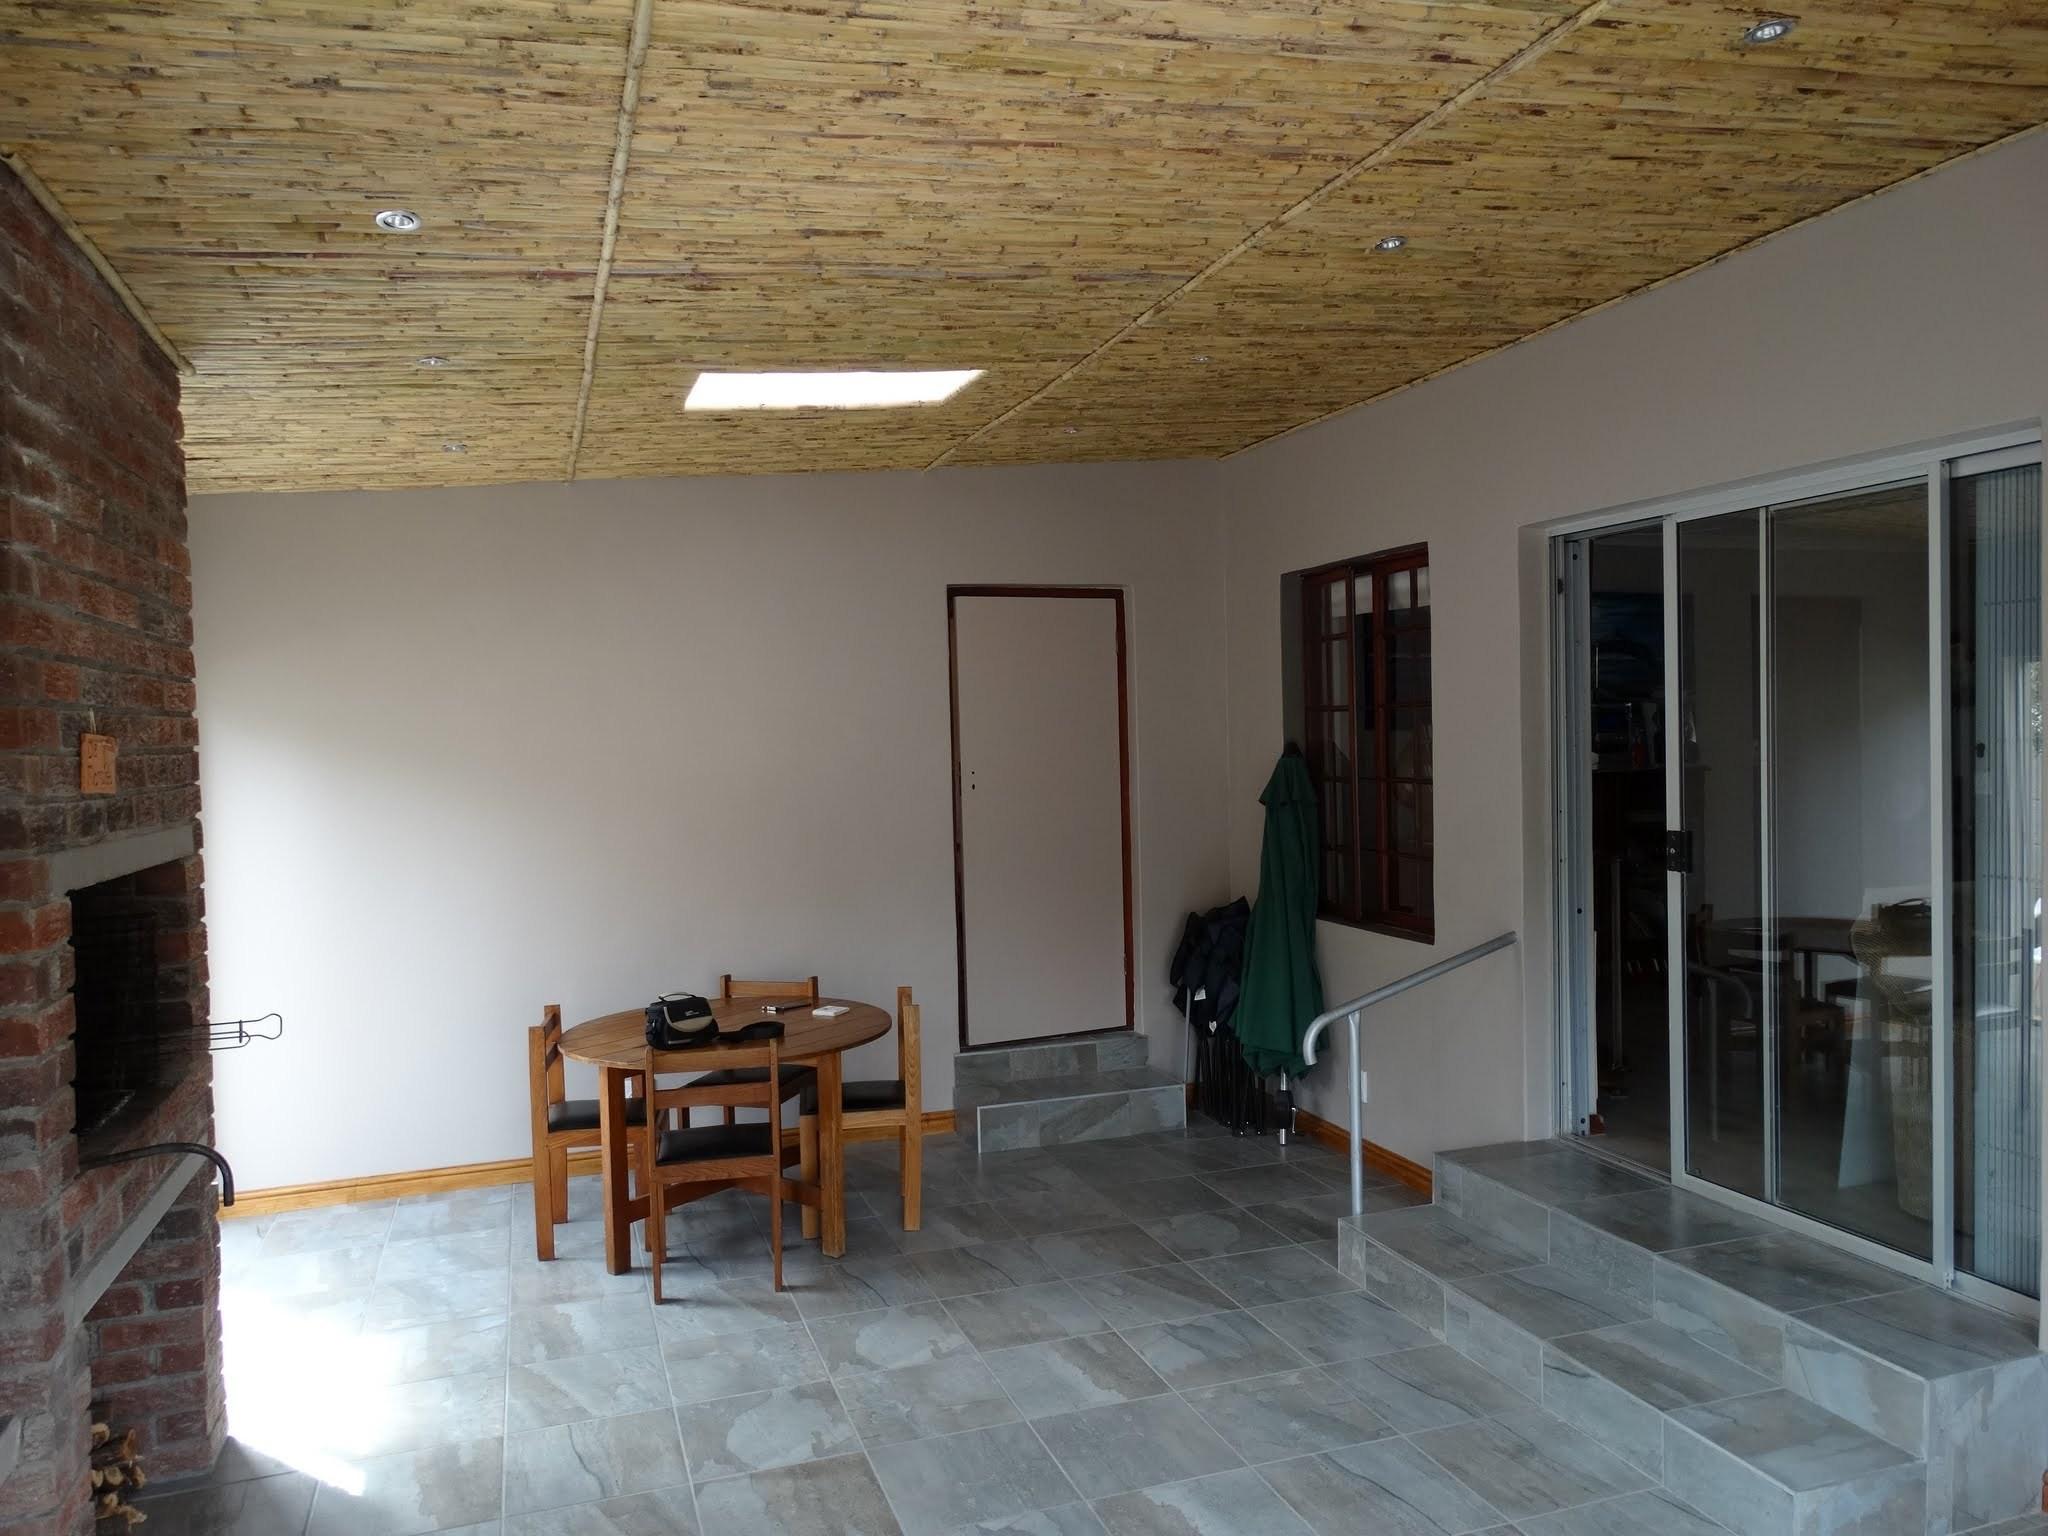 Braai room